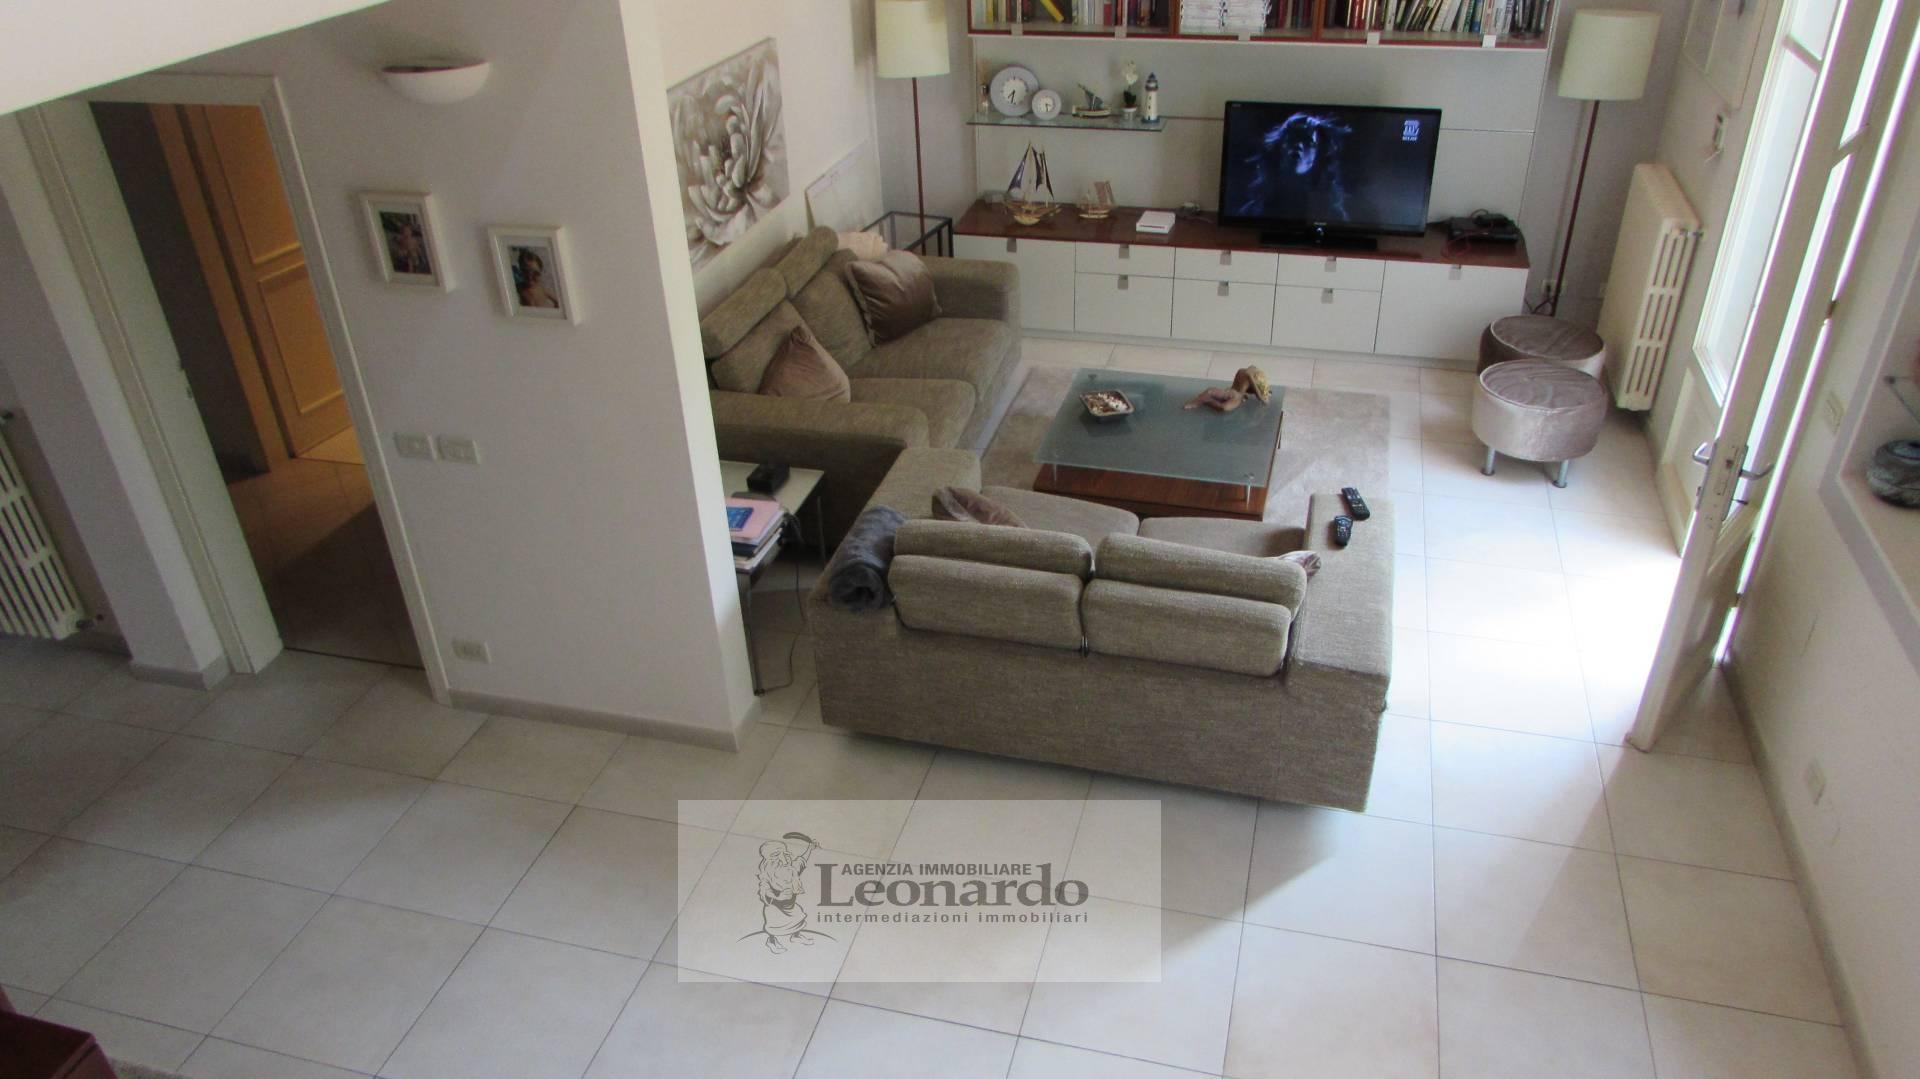 Soluzione Indipendente in vendita a Viareggio, 5 locali, zona Località: MarcoPolo/DonBosco, prezzo € 950.000   Cambio Casa.it